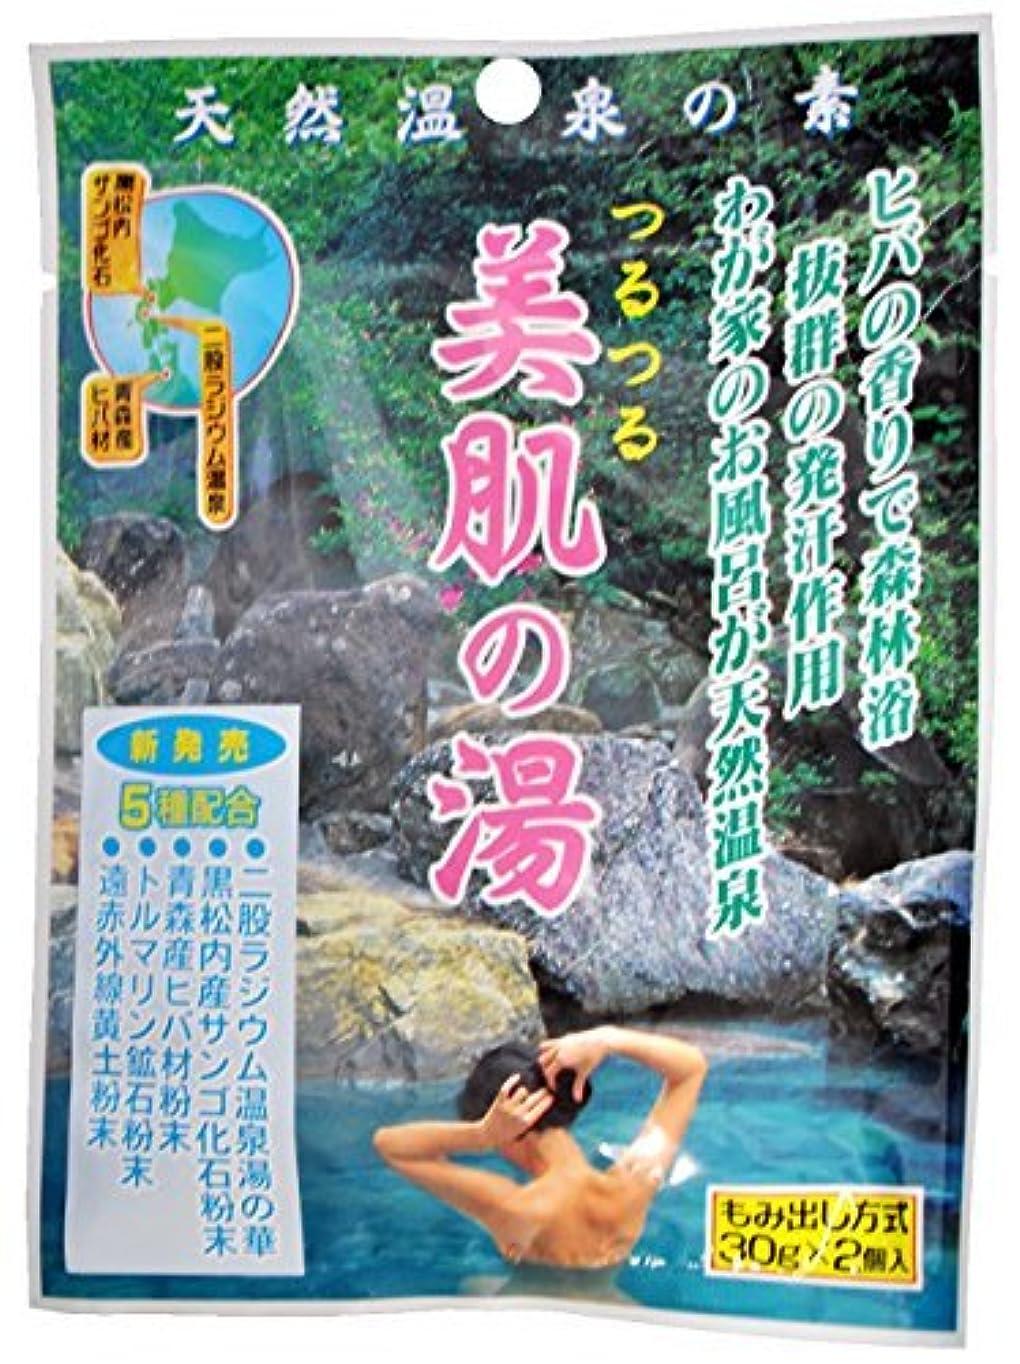 ラフスーツケース誤解【まとめ買い】天然成分入浴剤 つるつる 美肌の湯 2袋入 二股ラジウム温泉の湯の華 ×50個